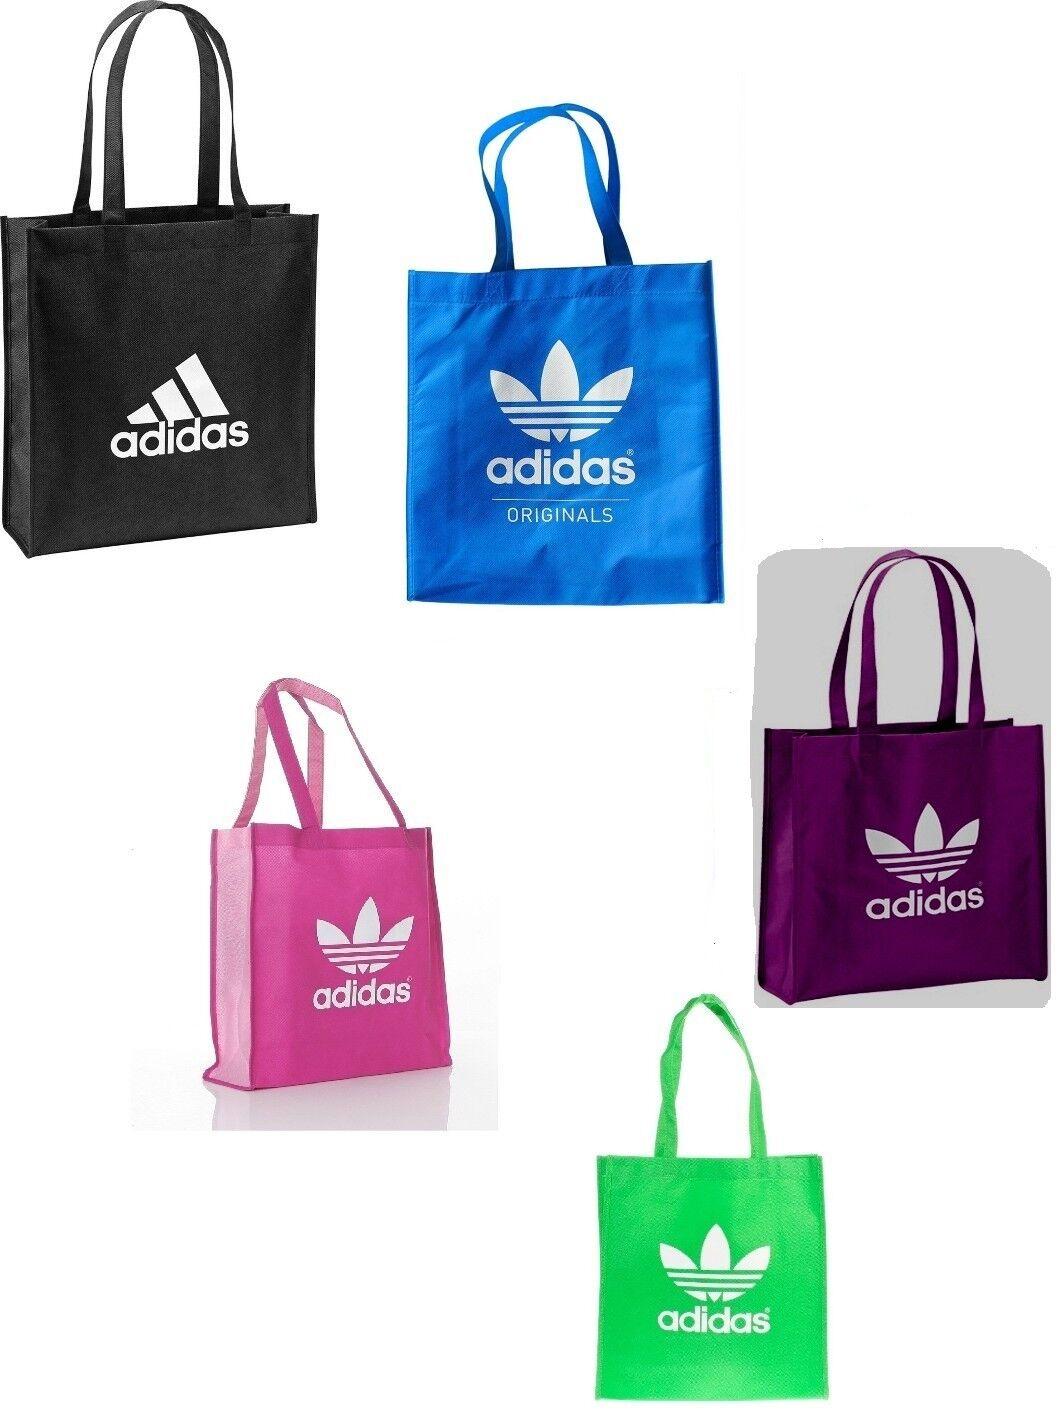 a68f73102f06 adidas Originals Shopper NEU Tasche Einkaufstasche Sporttasche Strandtasche  NEU фото